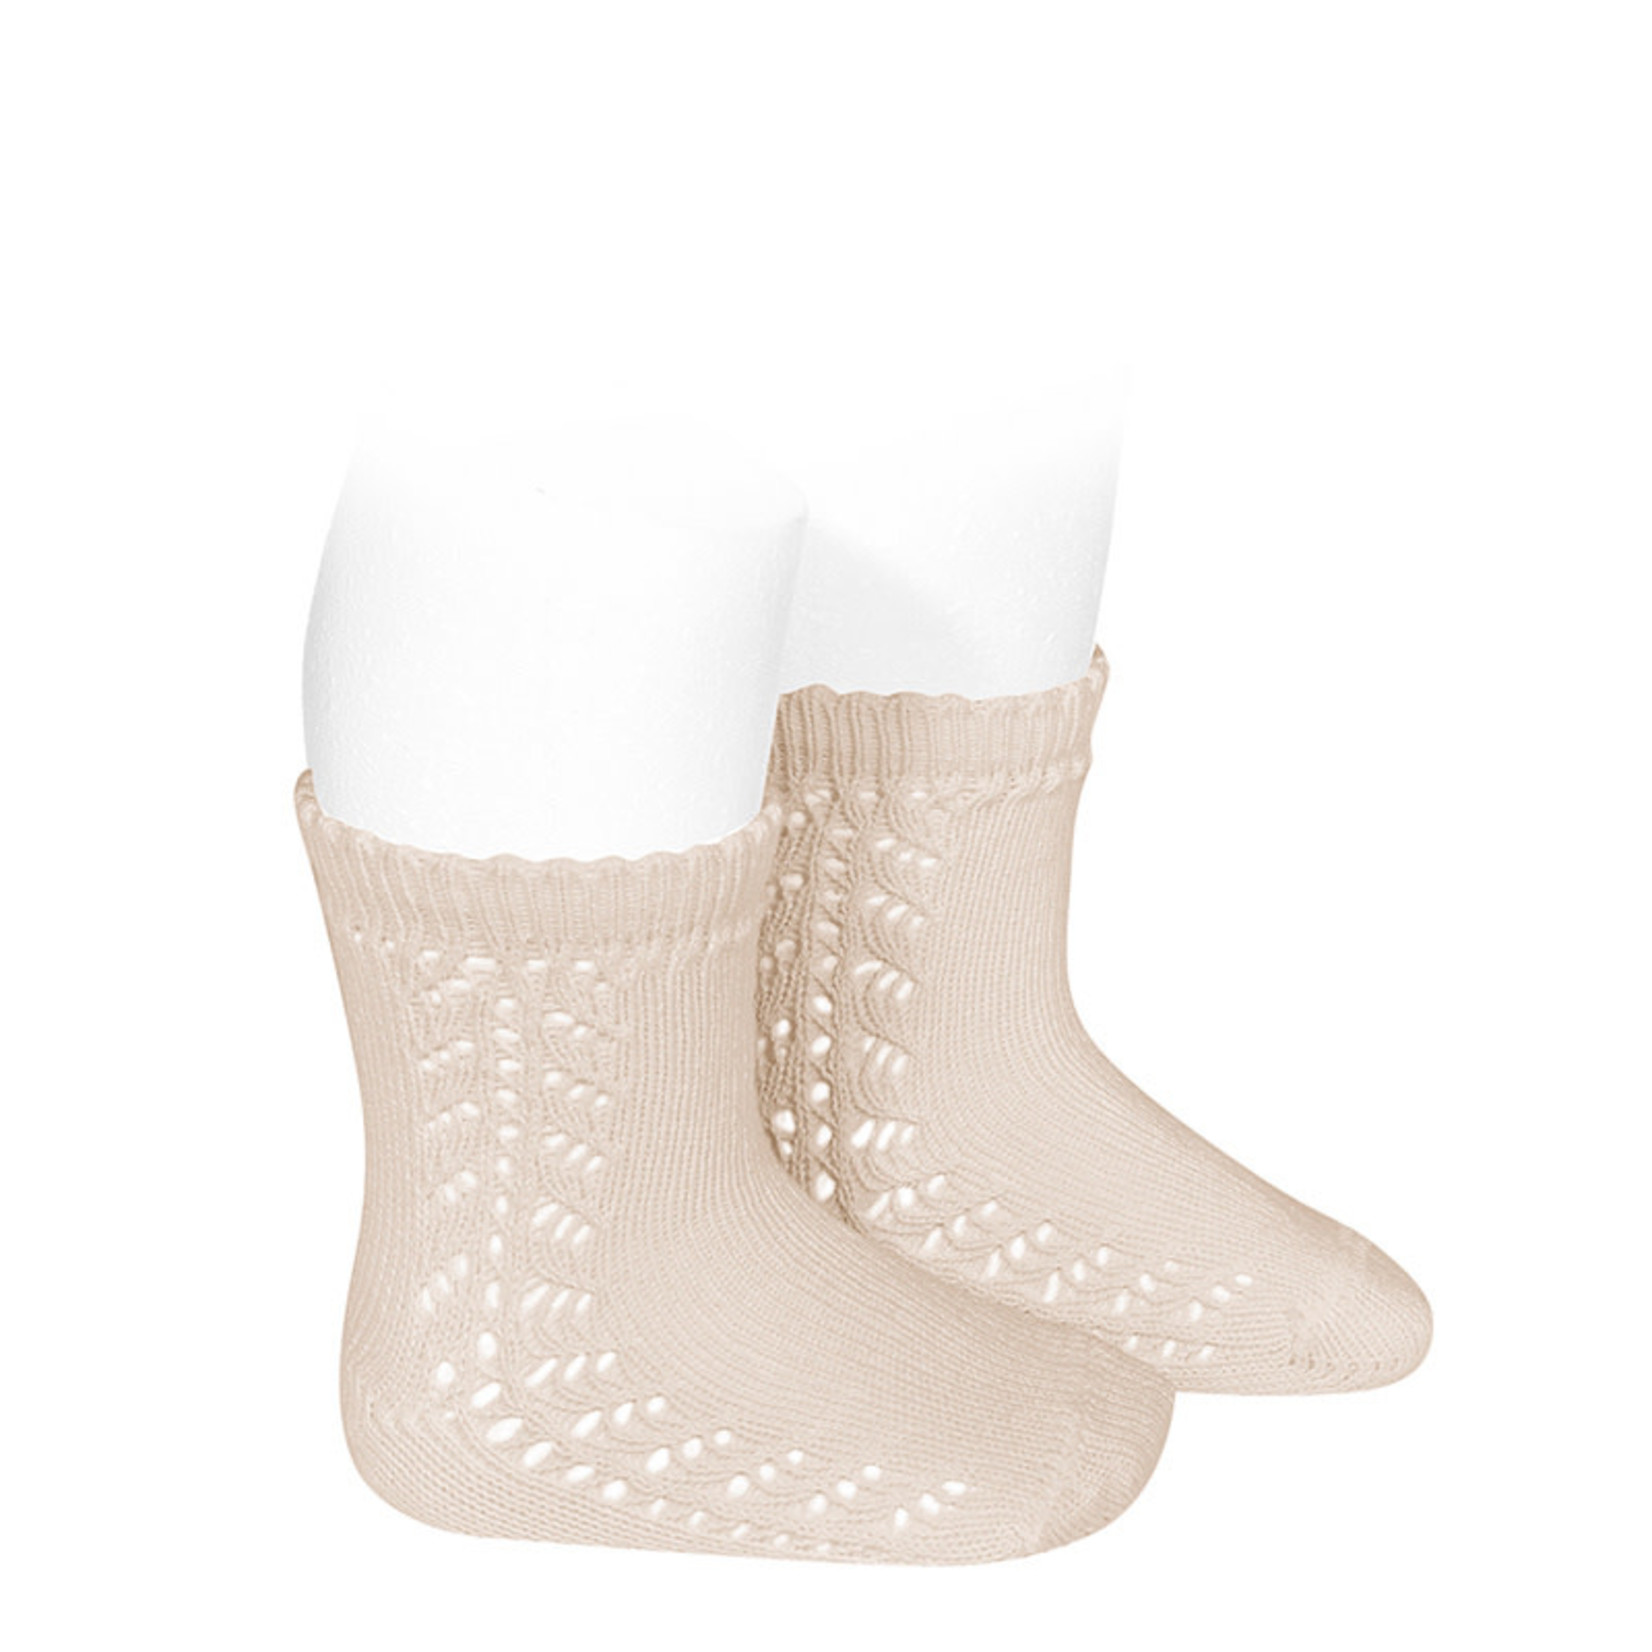 Condor Baby Side Openwork Socks